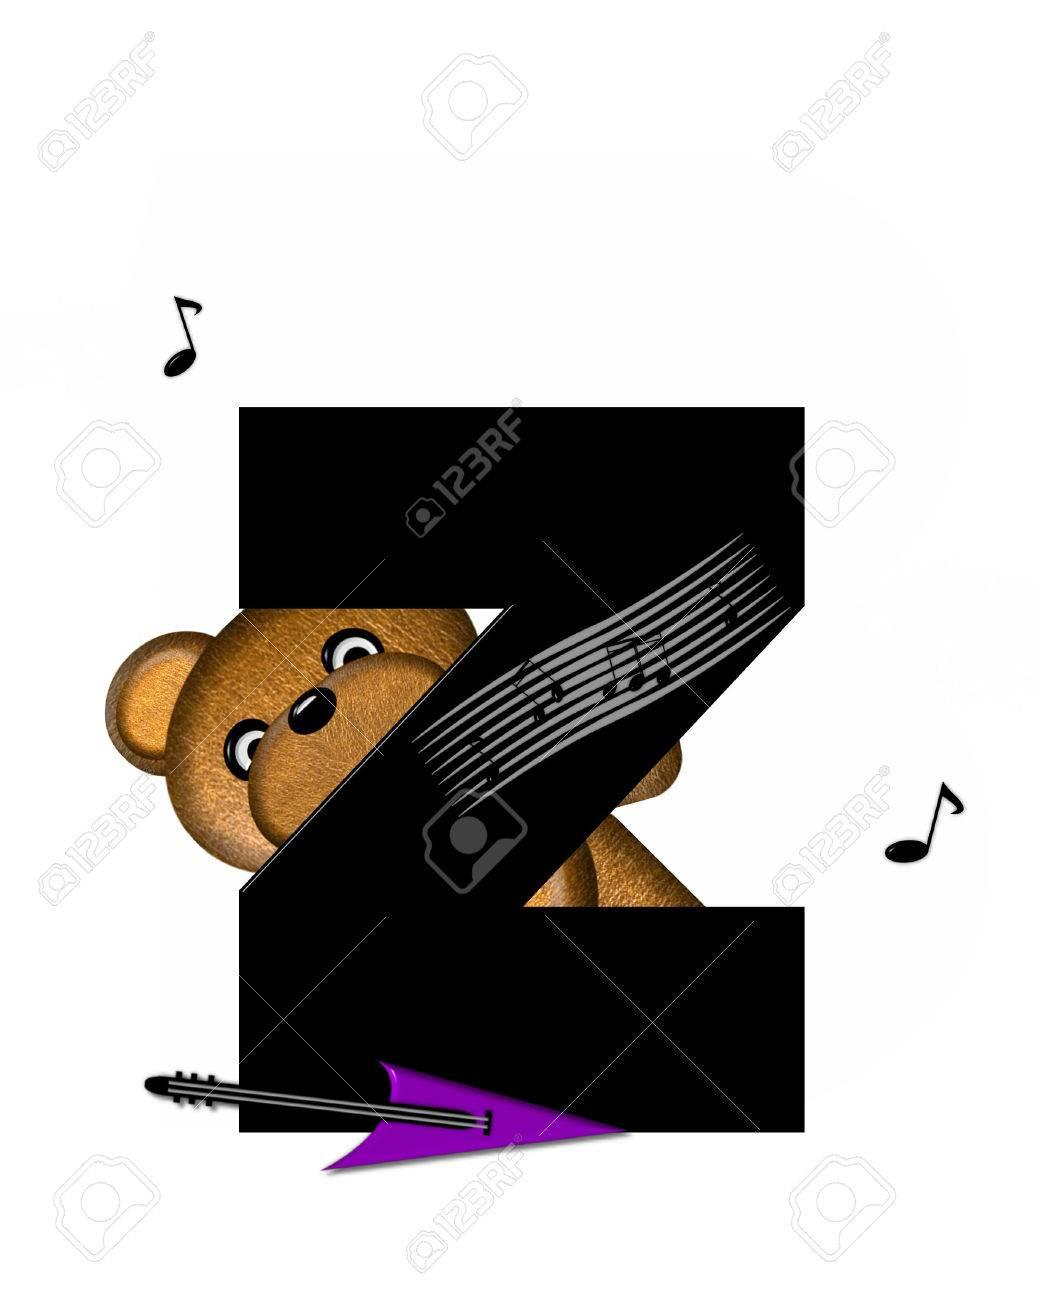 La Letra Z En El Conjunto De Alfabeto De Teddy Música De La Guitarra Es Negro Oso De Peluche Guitarra Eléctrica Y Notas Musicales Decorar Carta